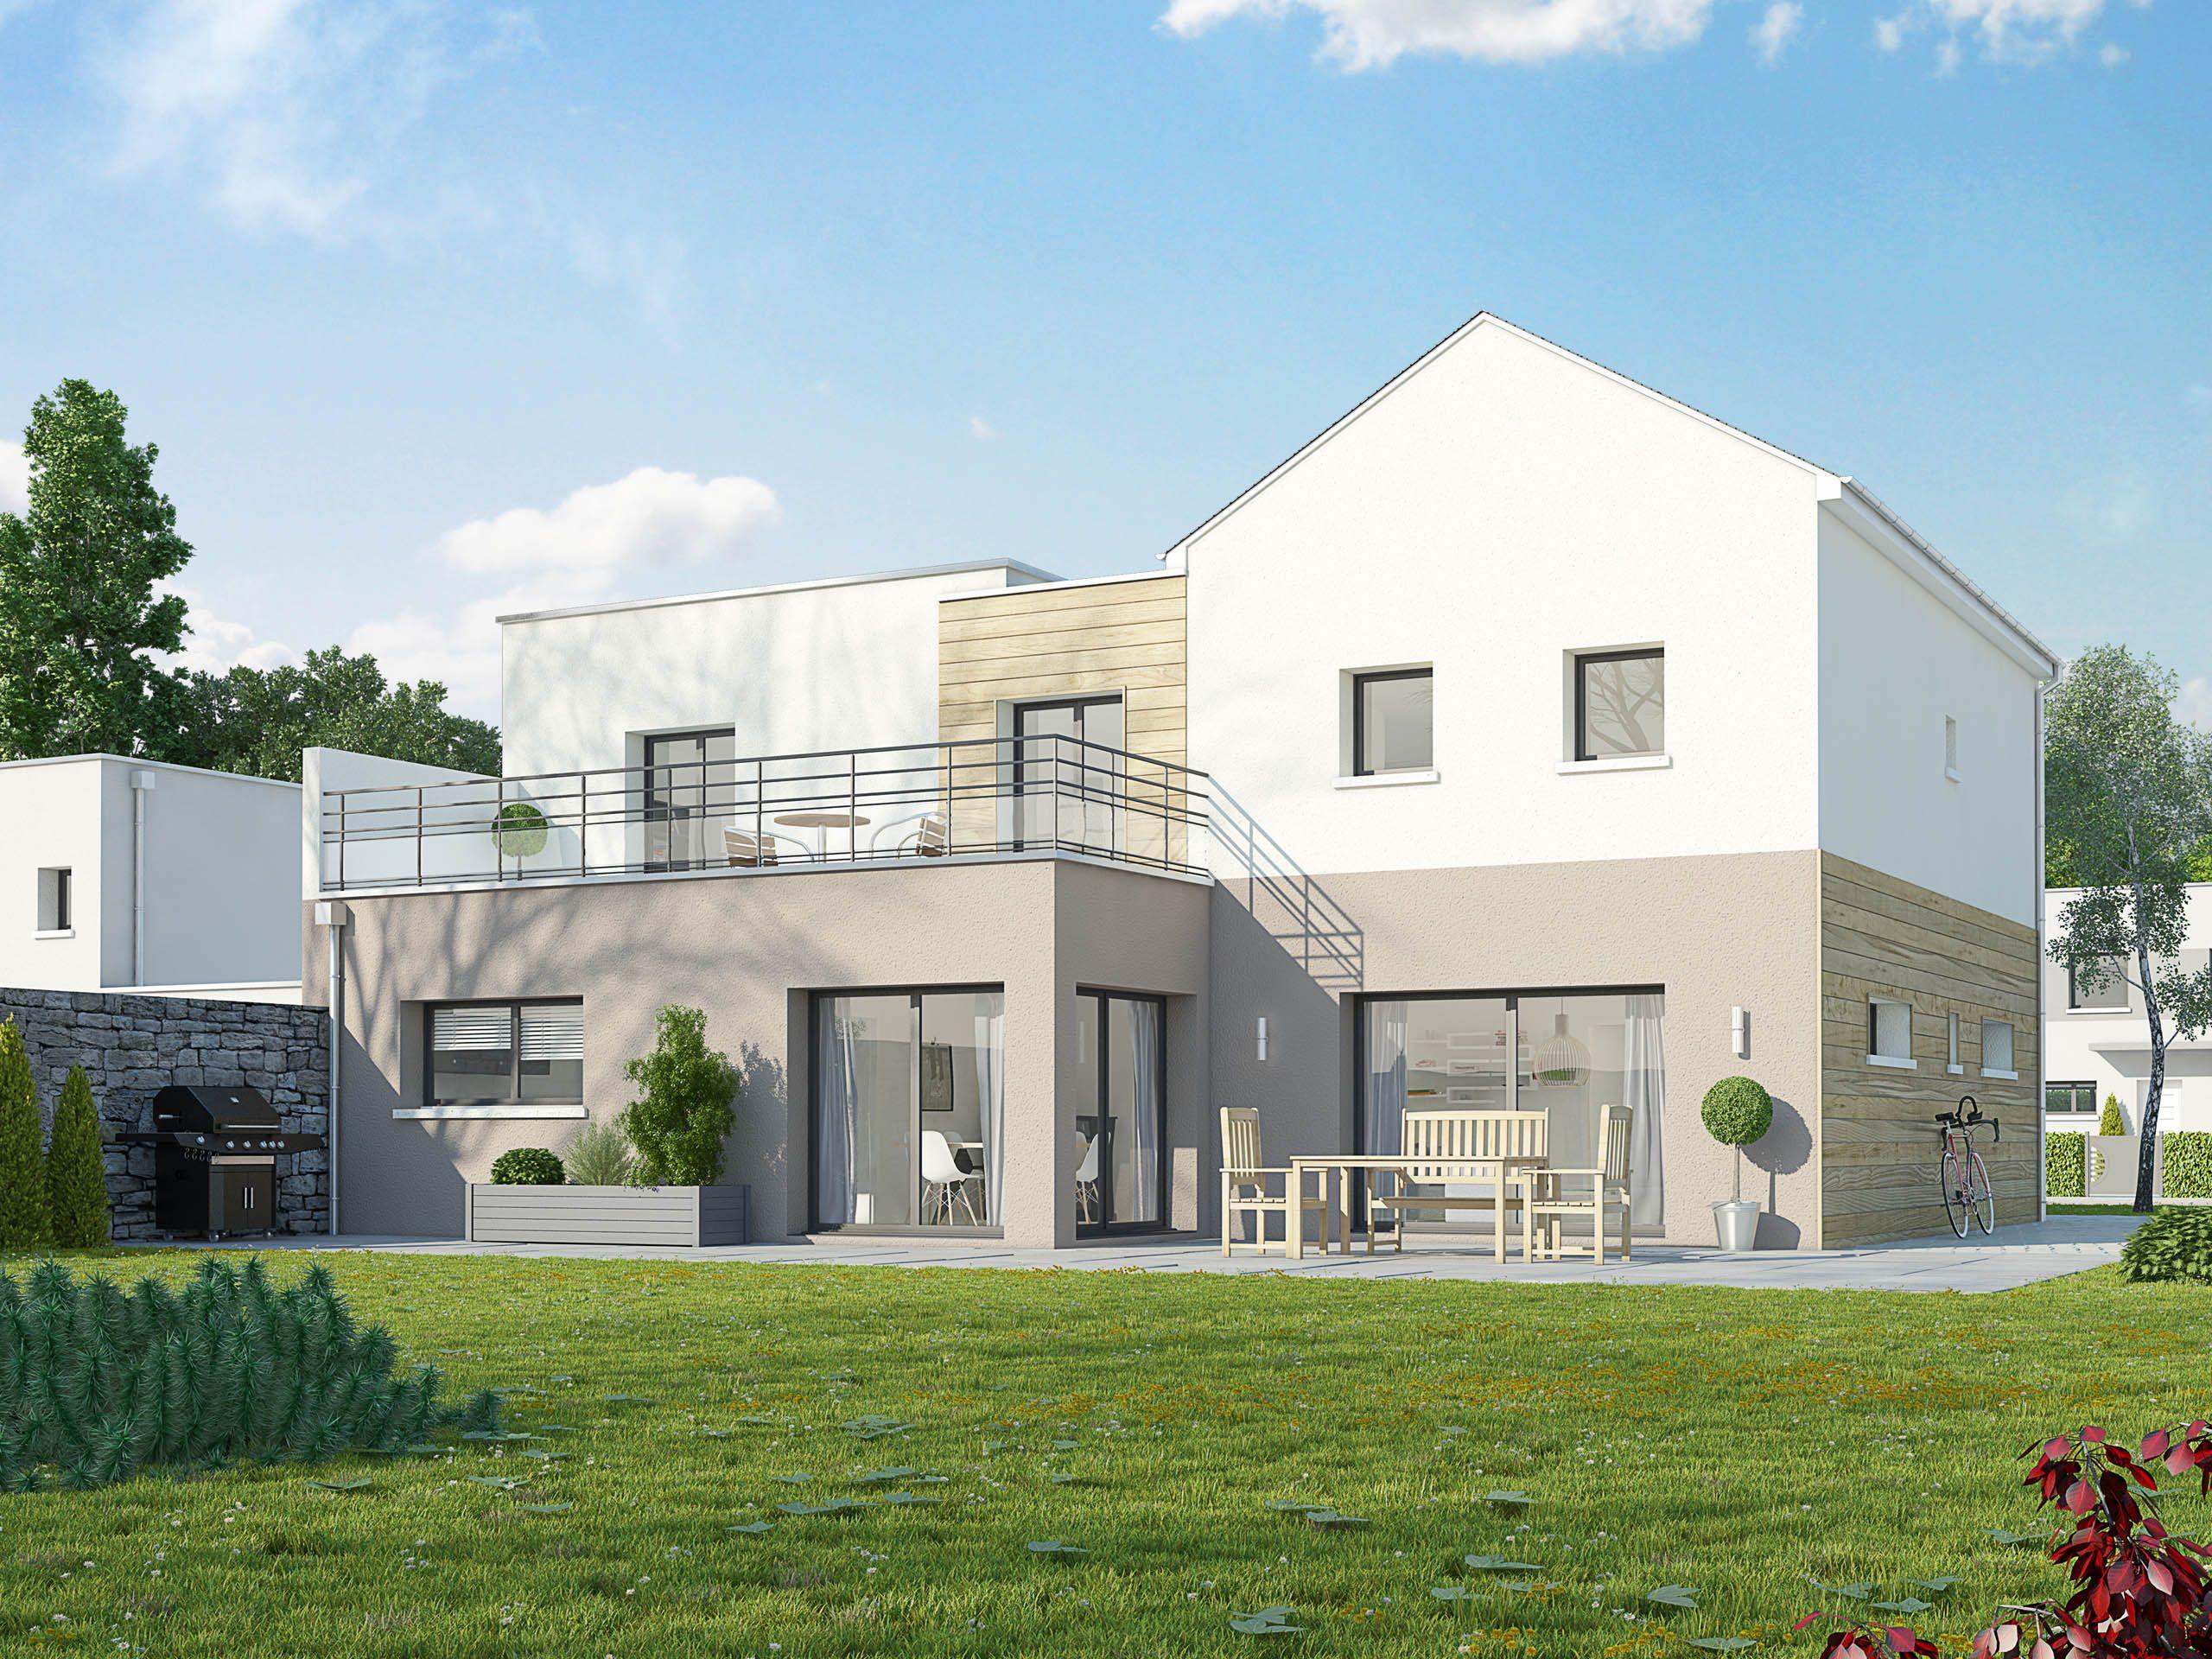 Maison En Ligne Terre Demeure Constructeur De Maisons - Maison individuelle ile de france